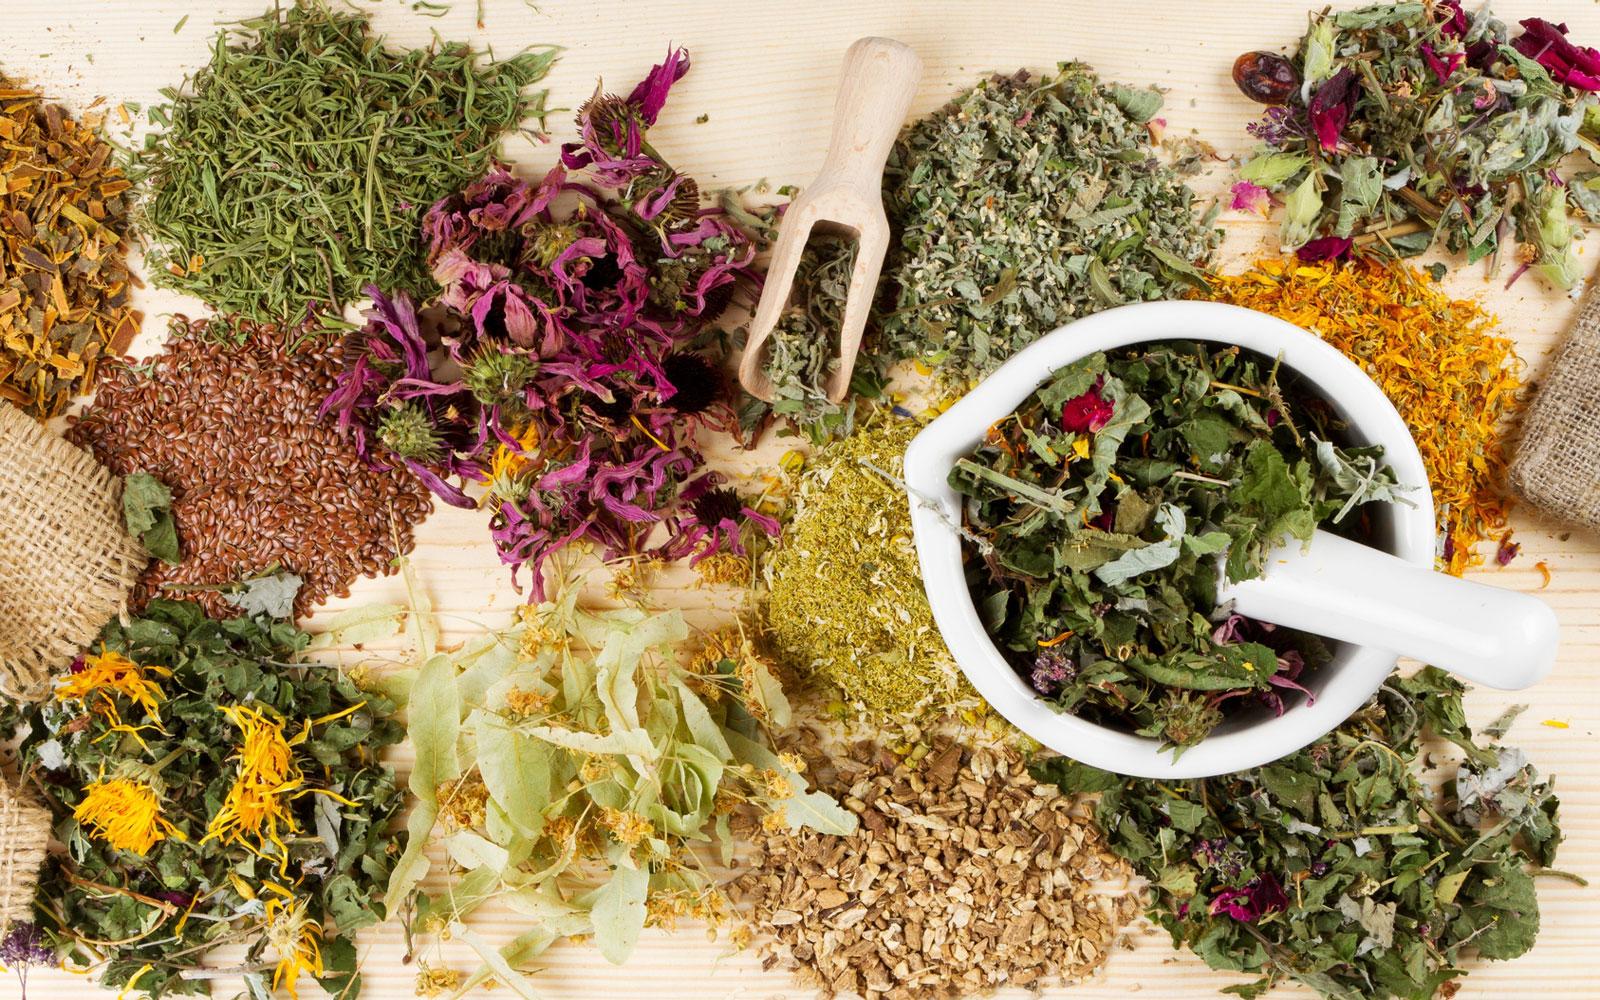 Какие обычно используются растения в травяной медицине?